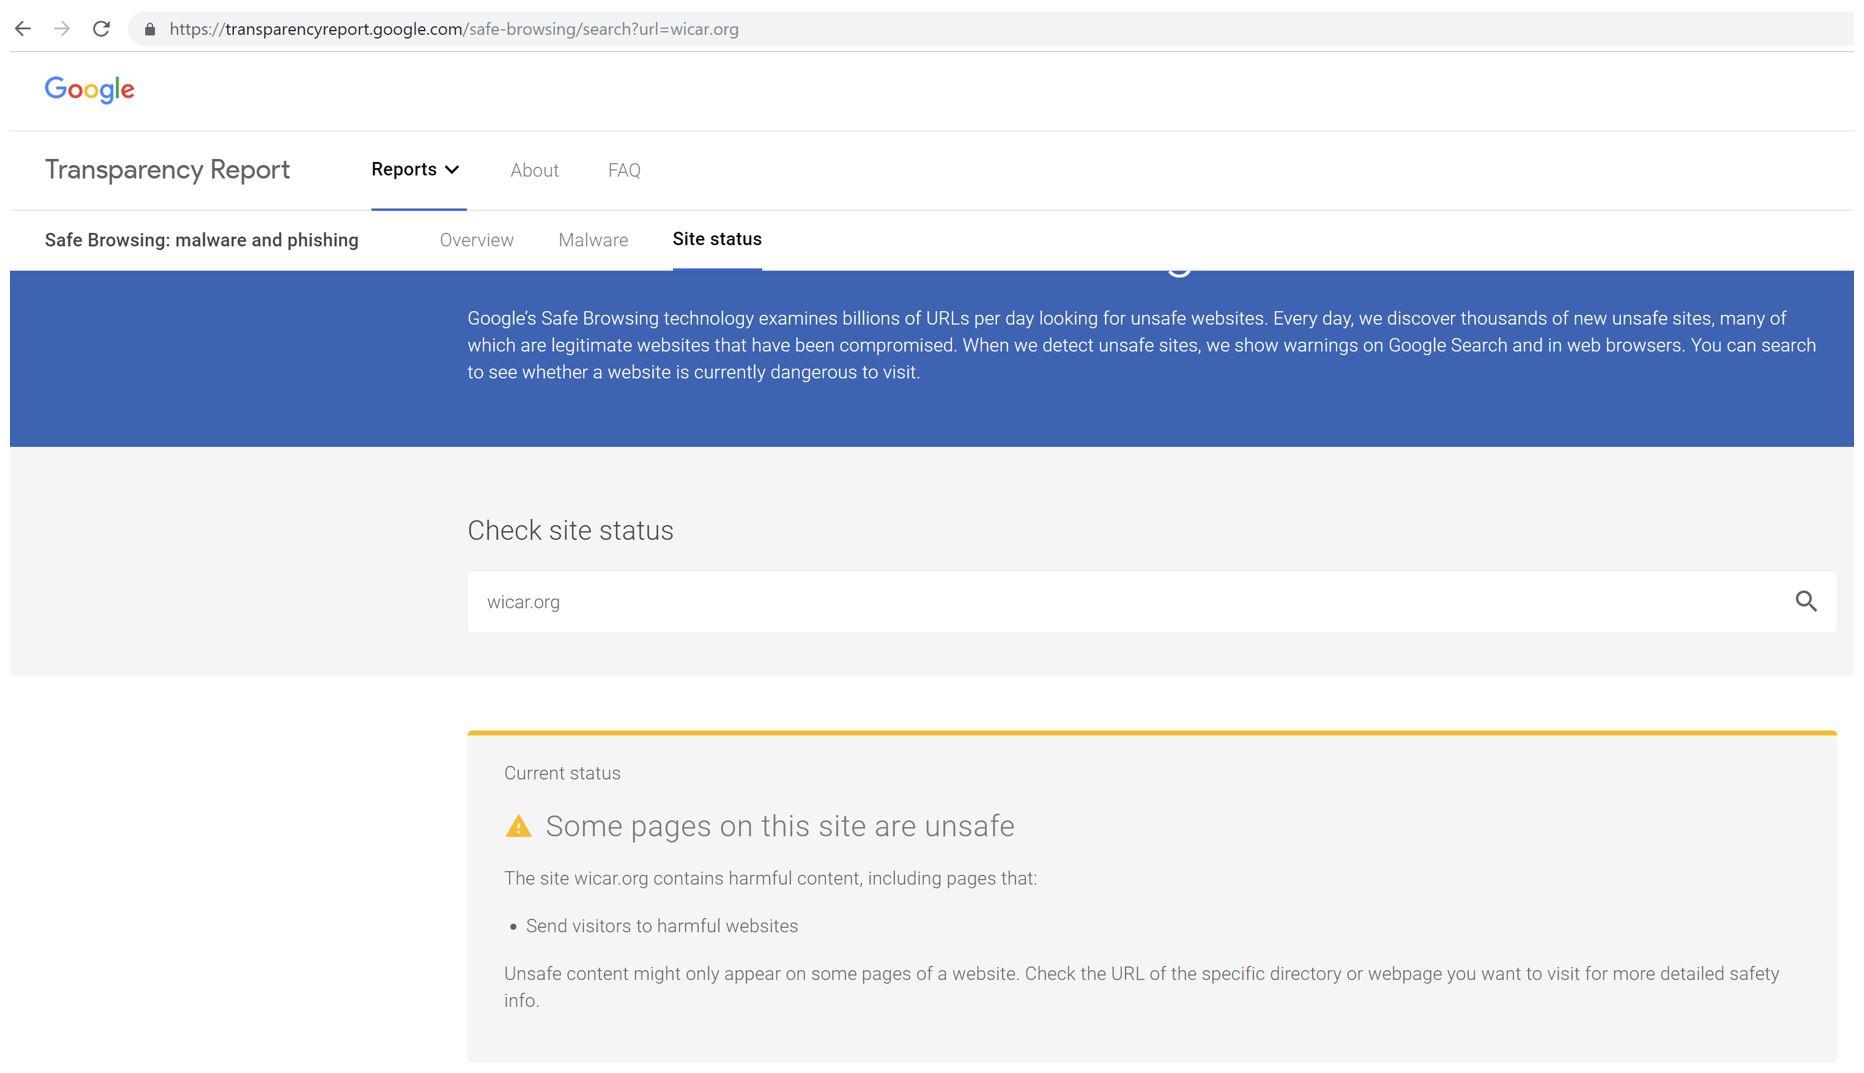 Google Safe Browsing Web Page Image